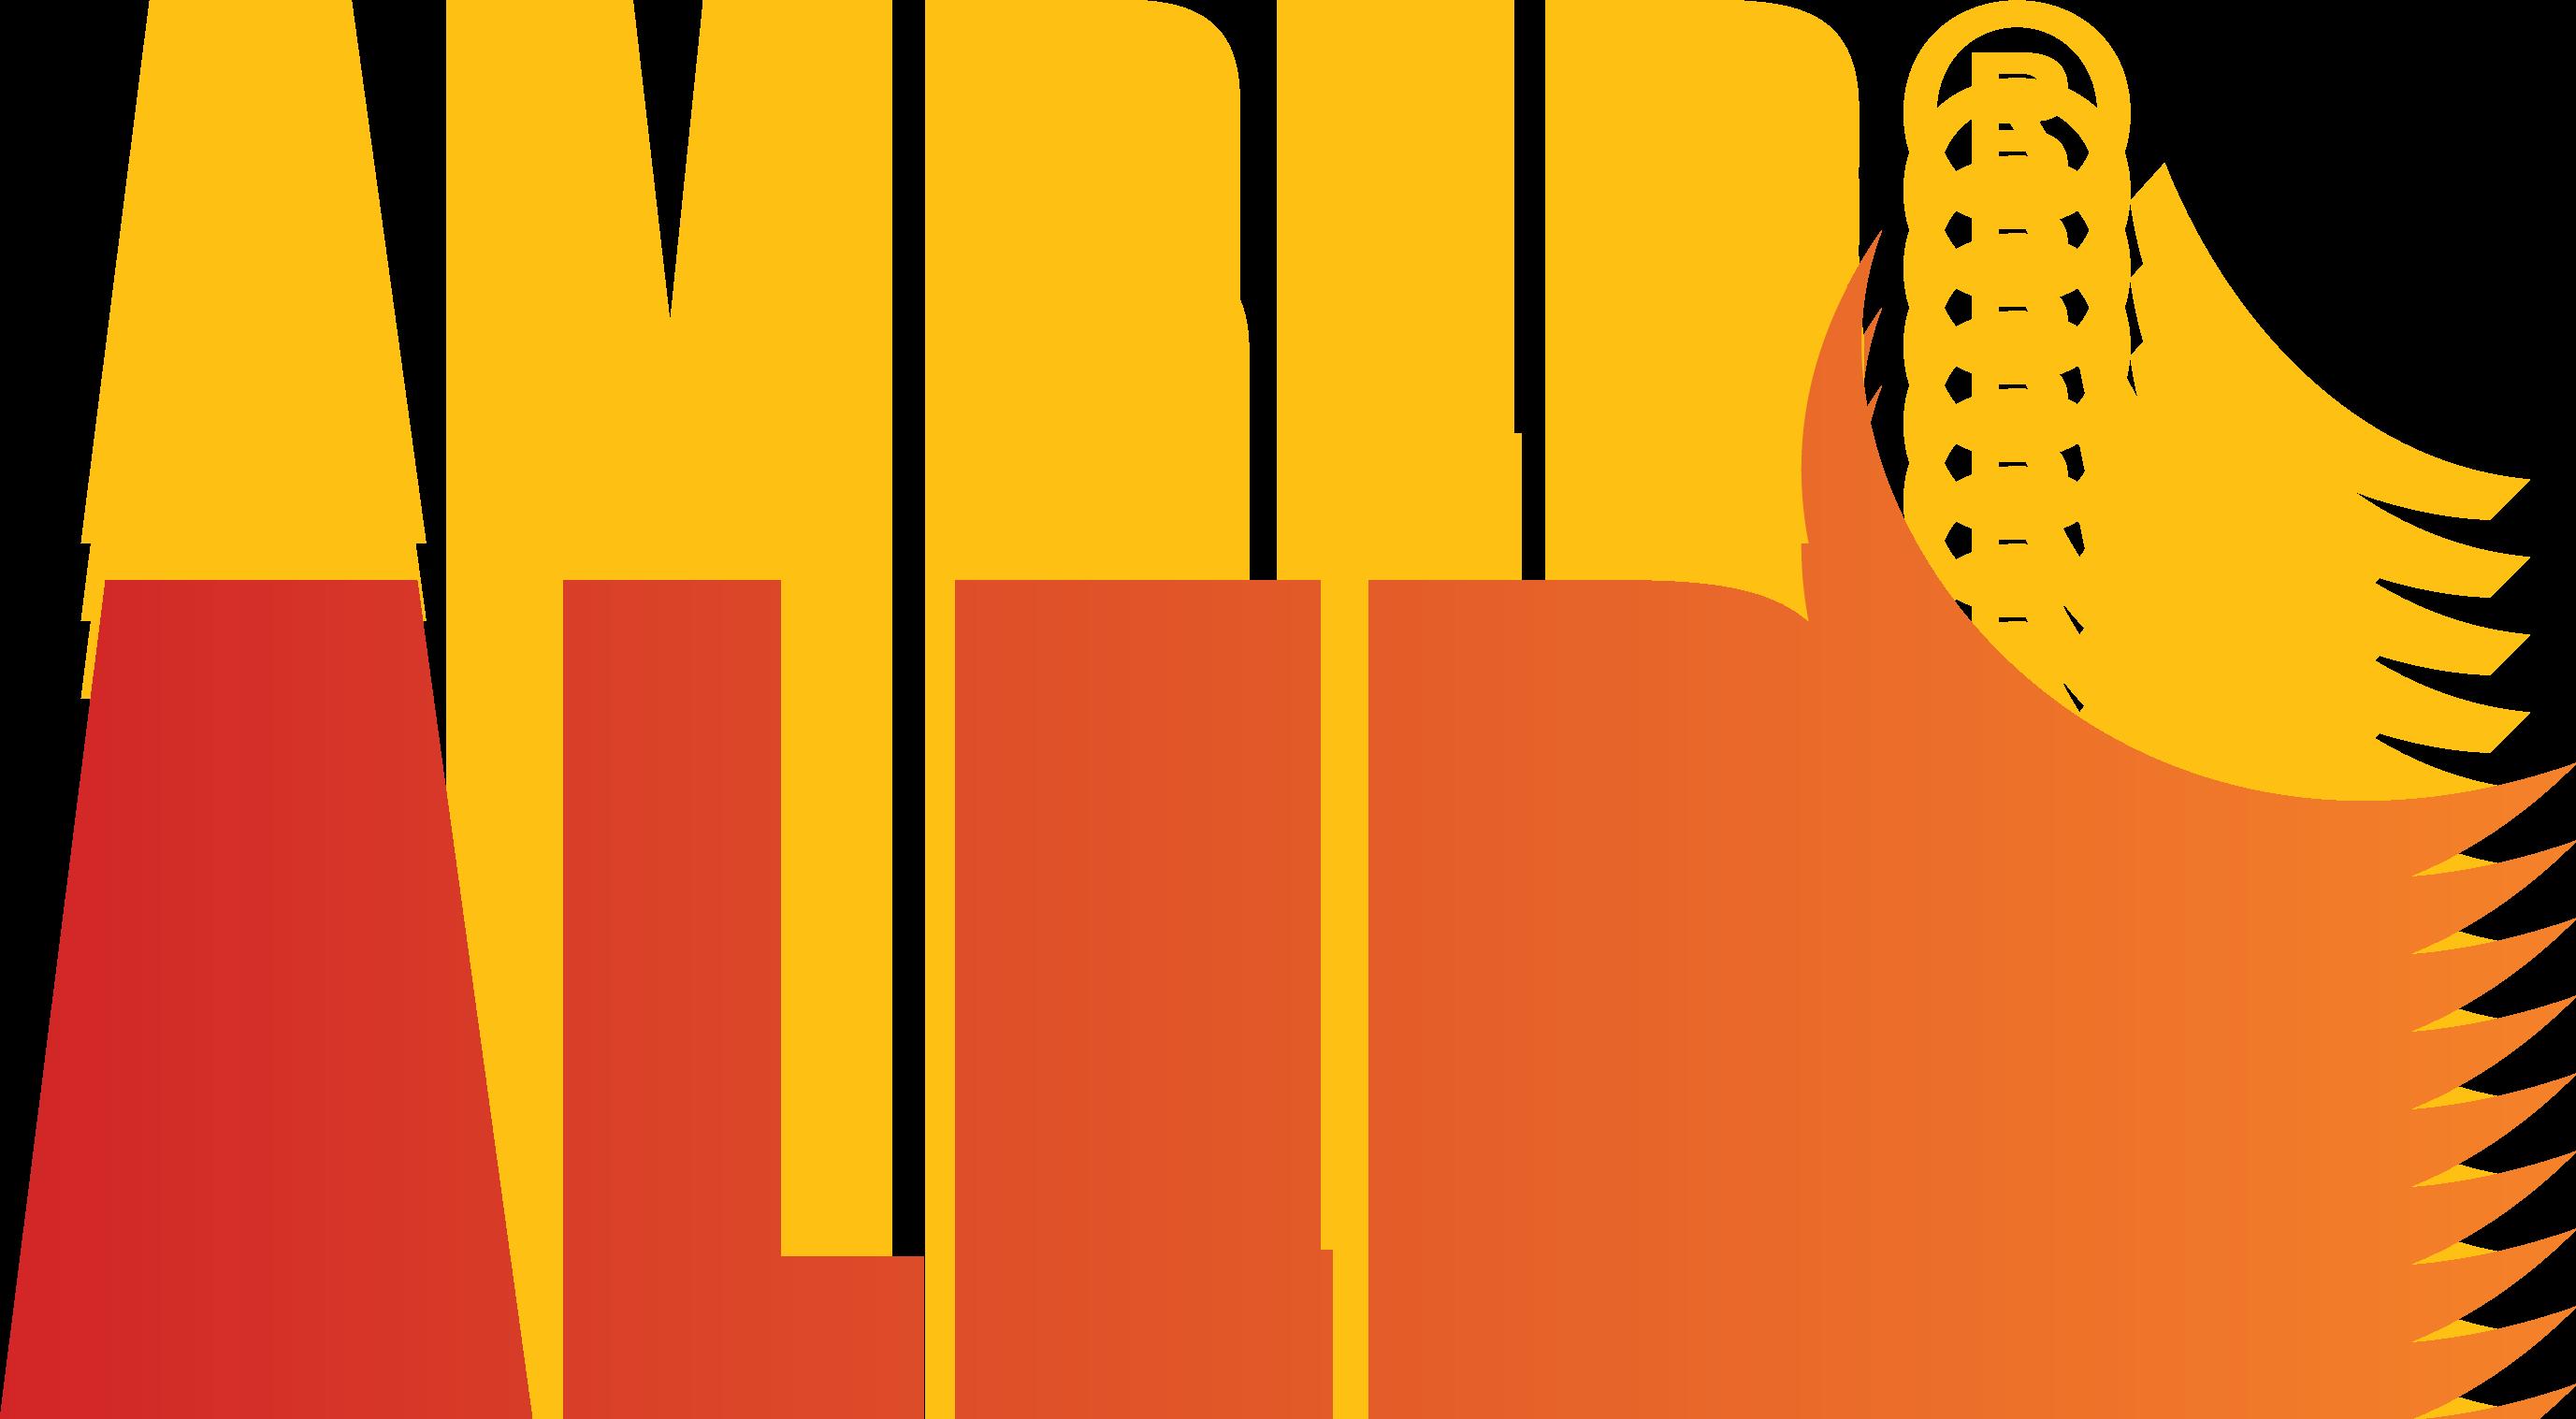 Woodbridge rotary sponsors amber. News clipart news alert